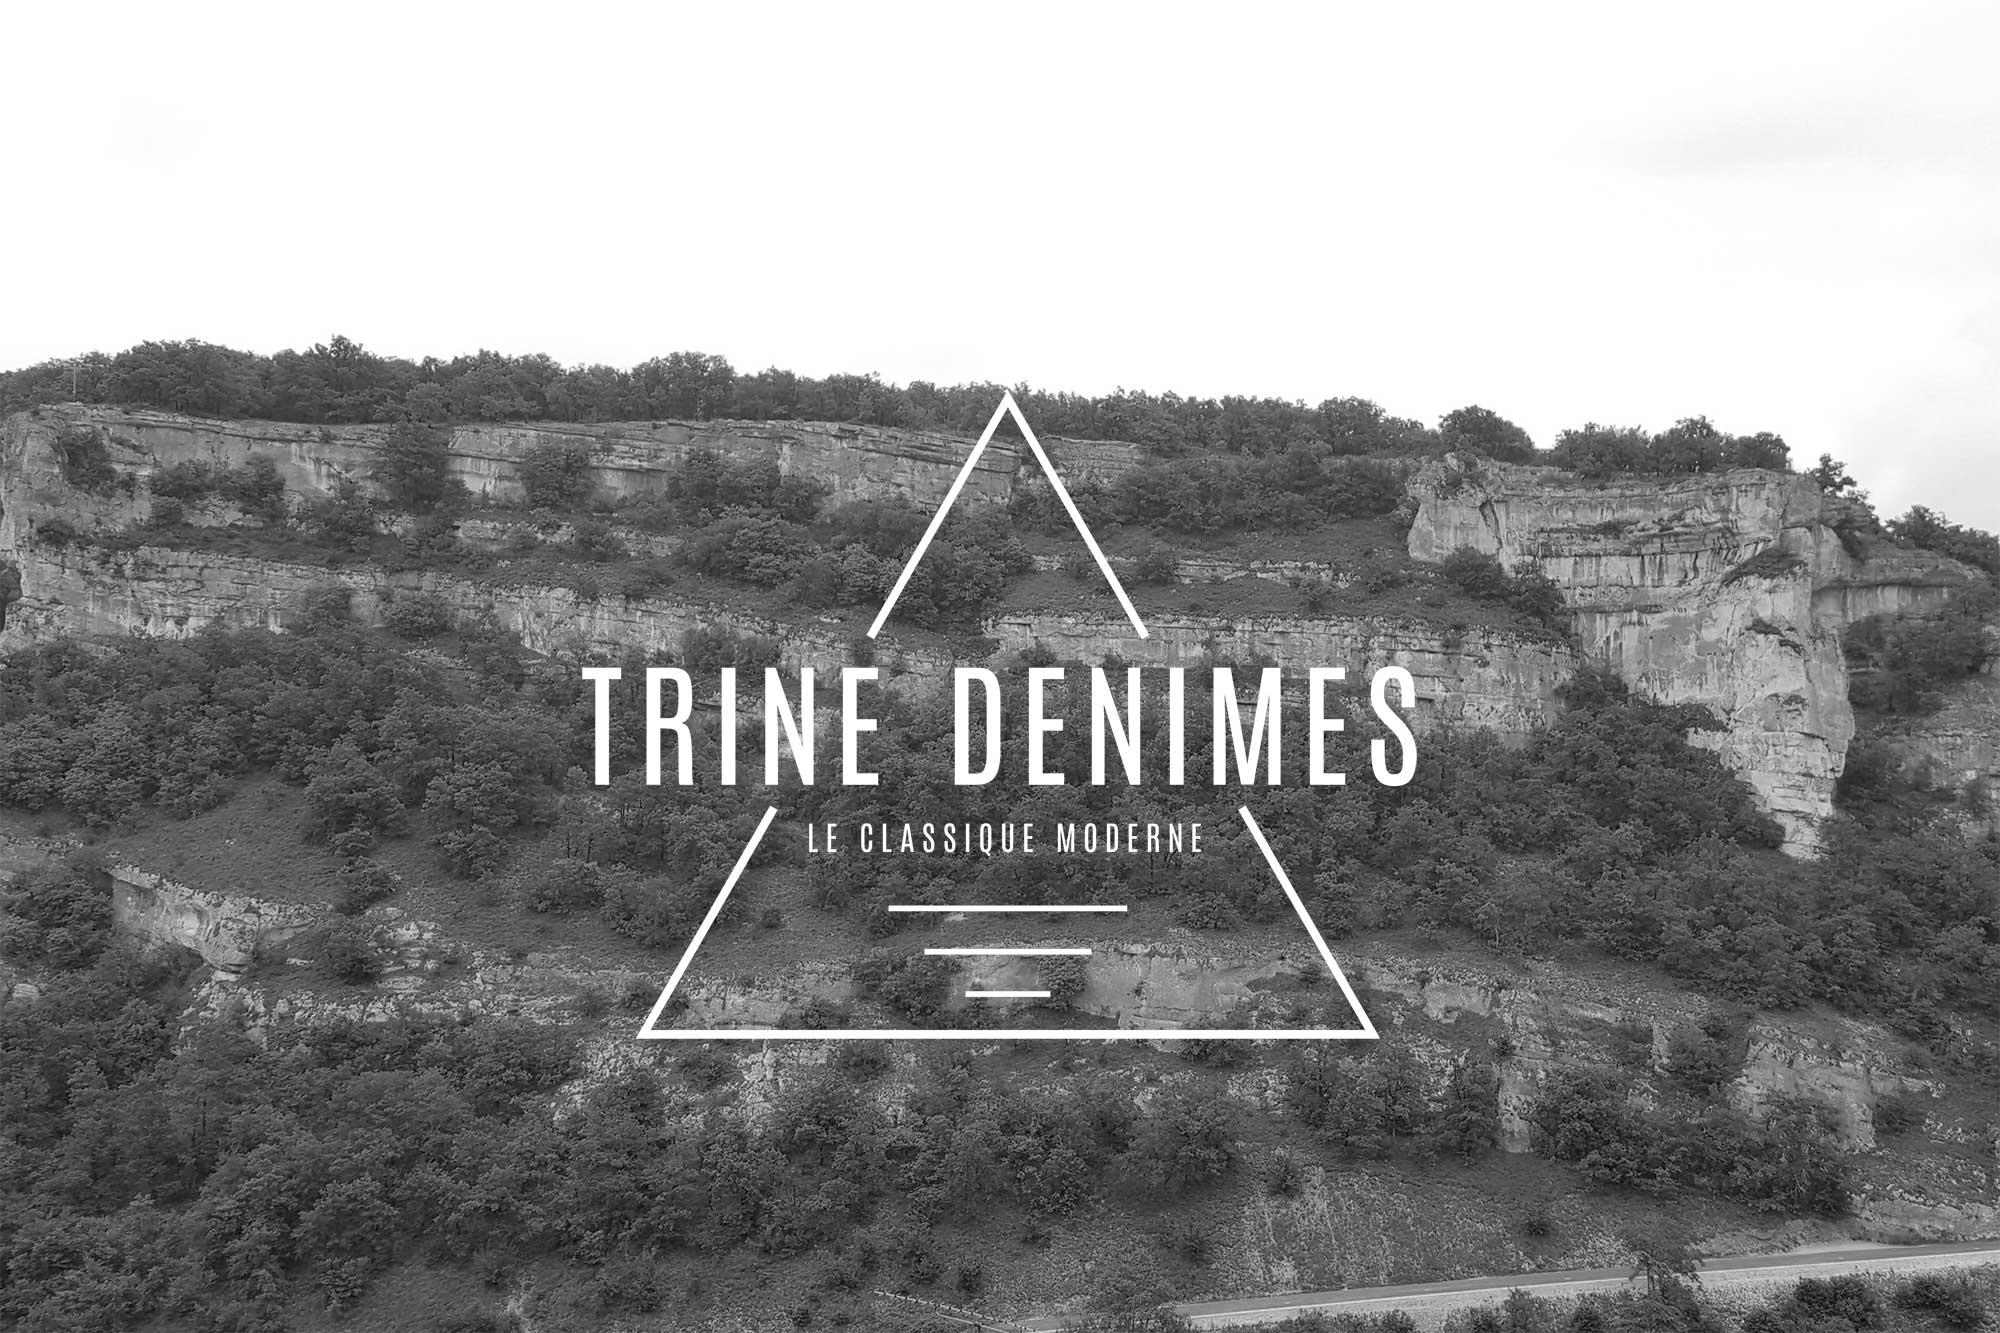 TrineDenimes.com